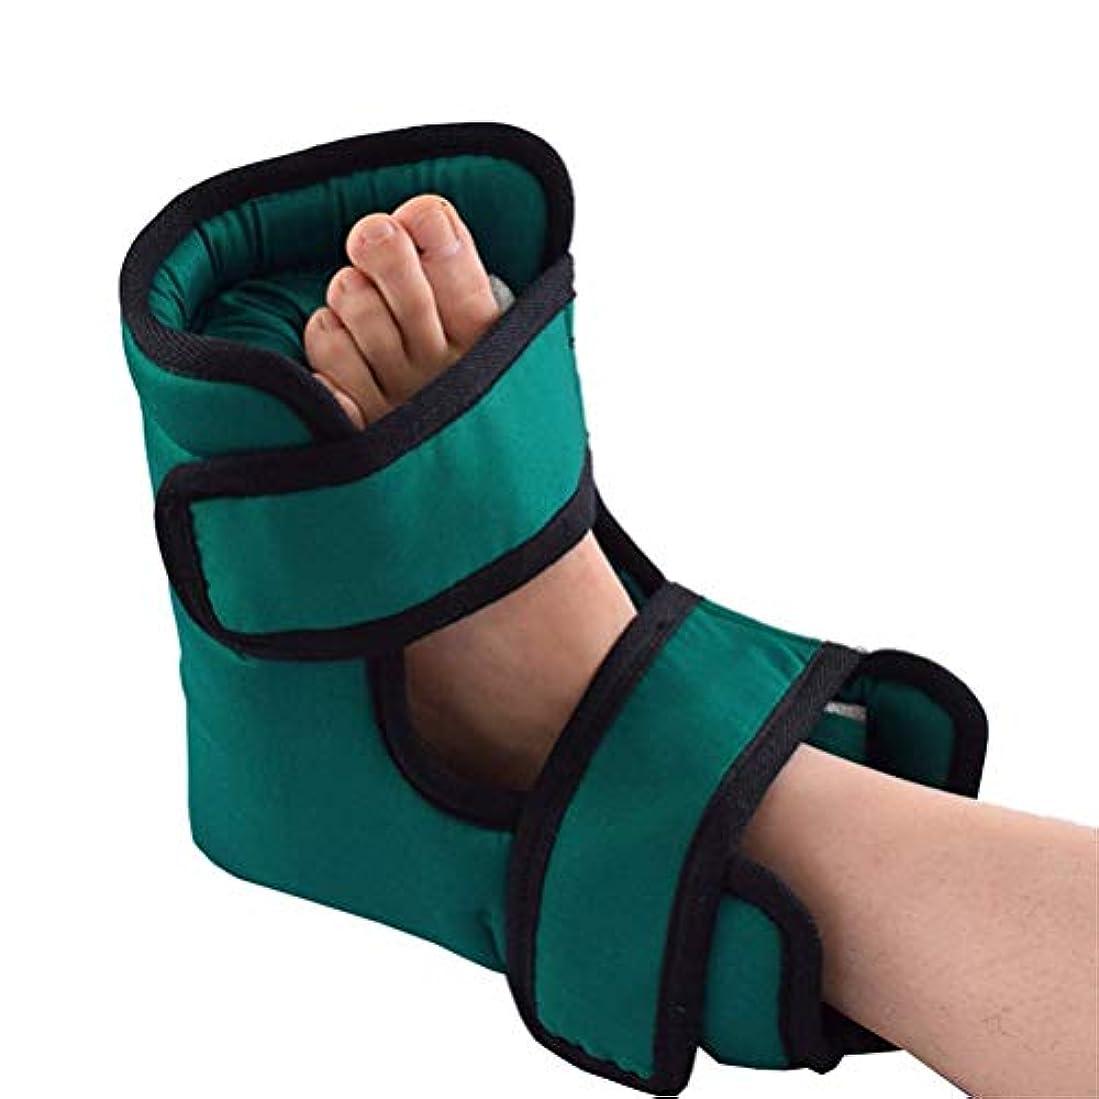 プロジェクター道に迷いました赤ちゃん抗褥瘡 ヒールクッション - 圧力緩和ヒールプロテクター - 褥瘡と腱の残りのための足首保護枕 - 1ペア